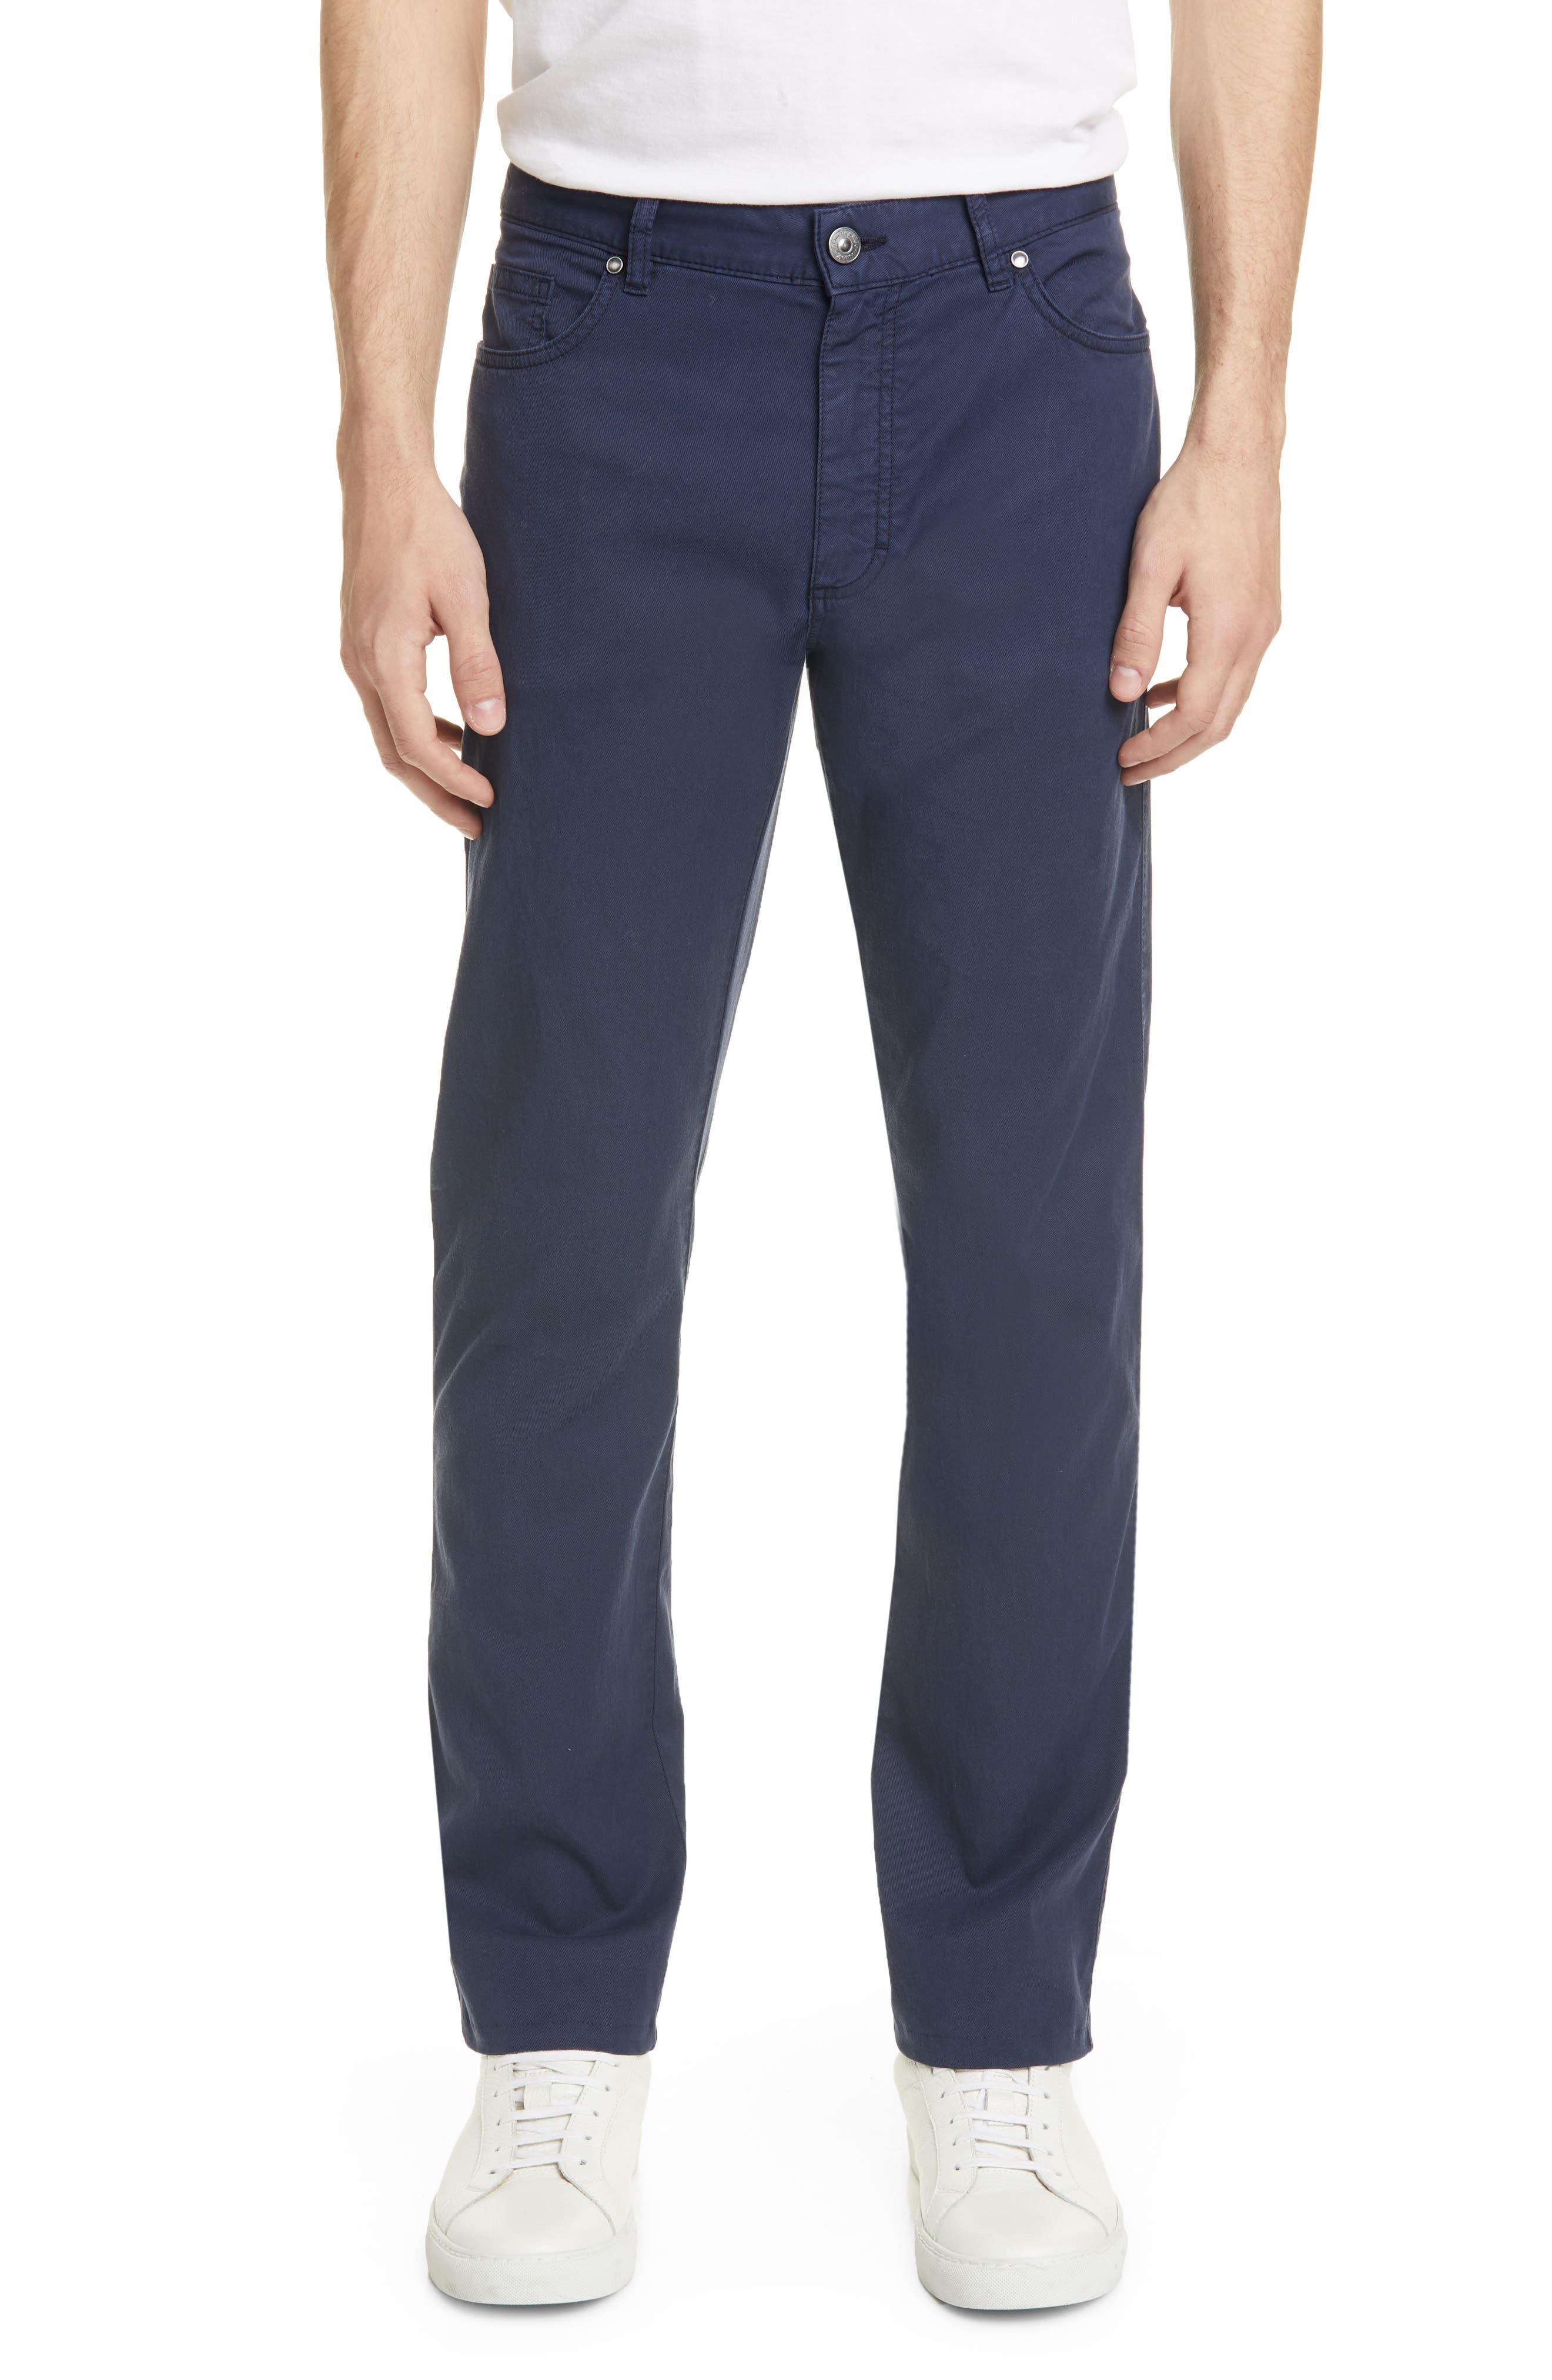 Men's Ermenegildo Zegna Classic Fit Stretch Jeans,  32R - Blue